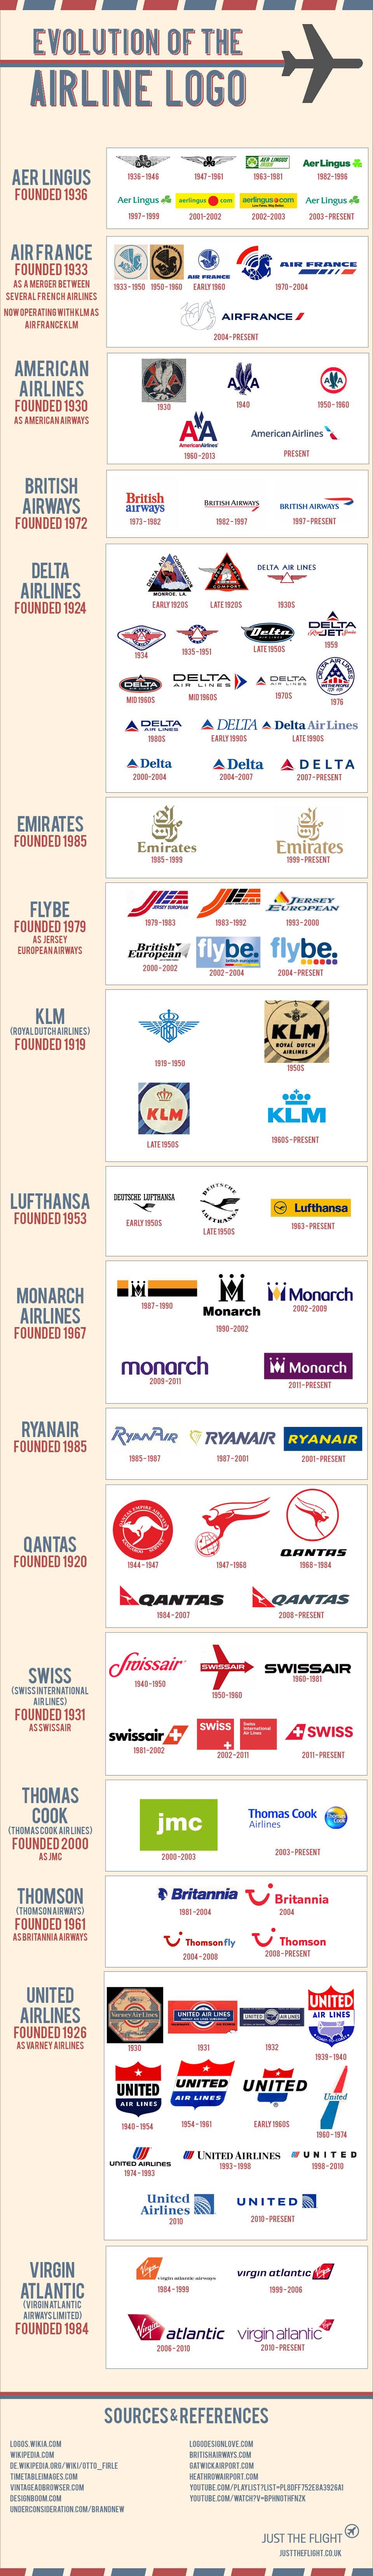 Evolutie van logos voor vliegtuig maatschappijen